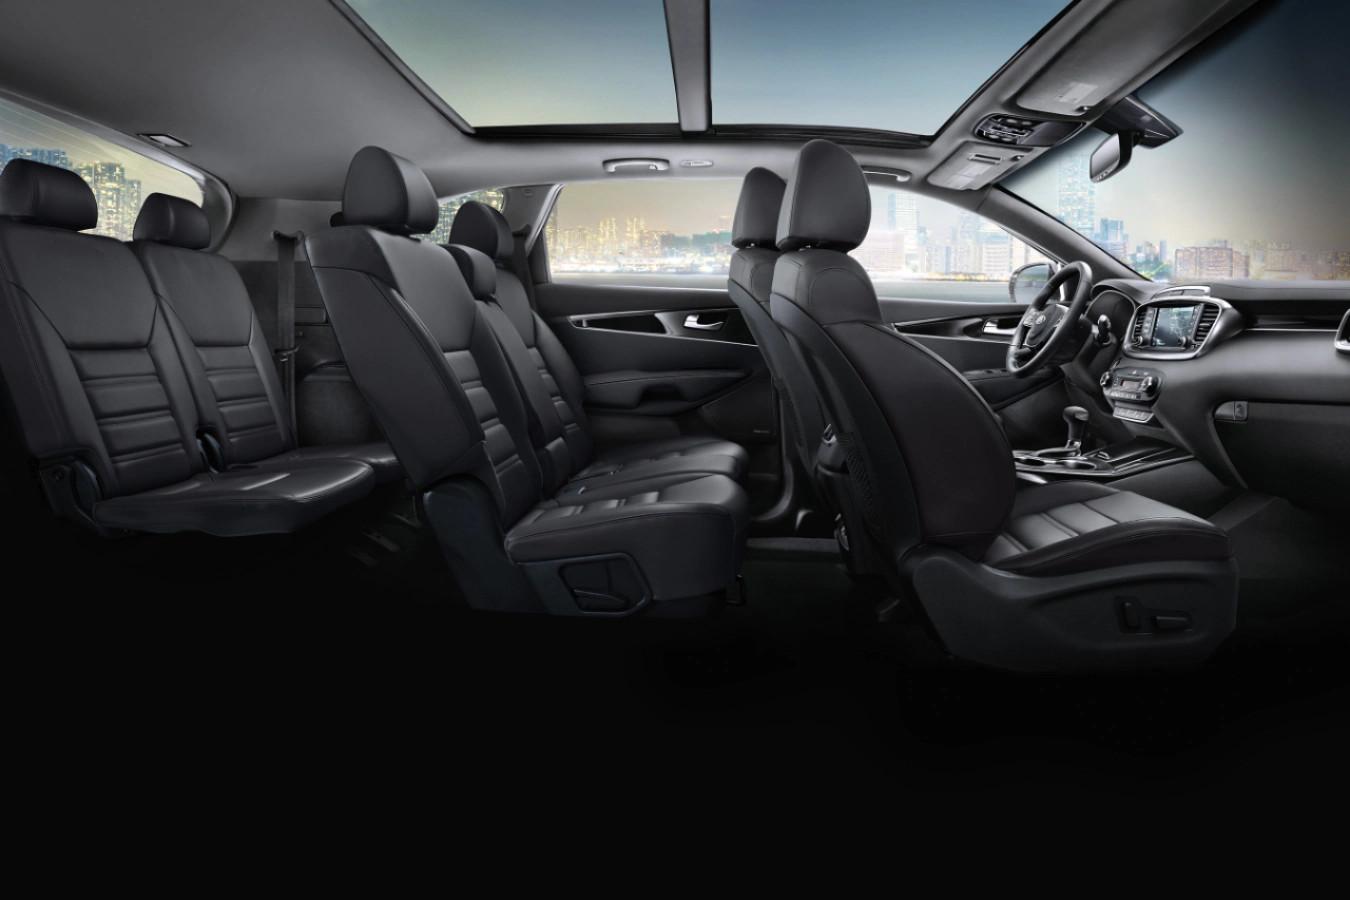 Spacious Interior of the 2020 Kia Sorento